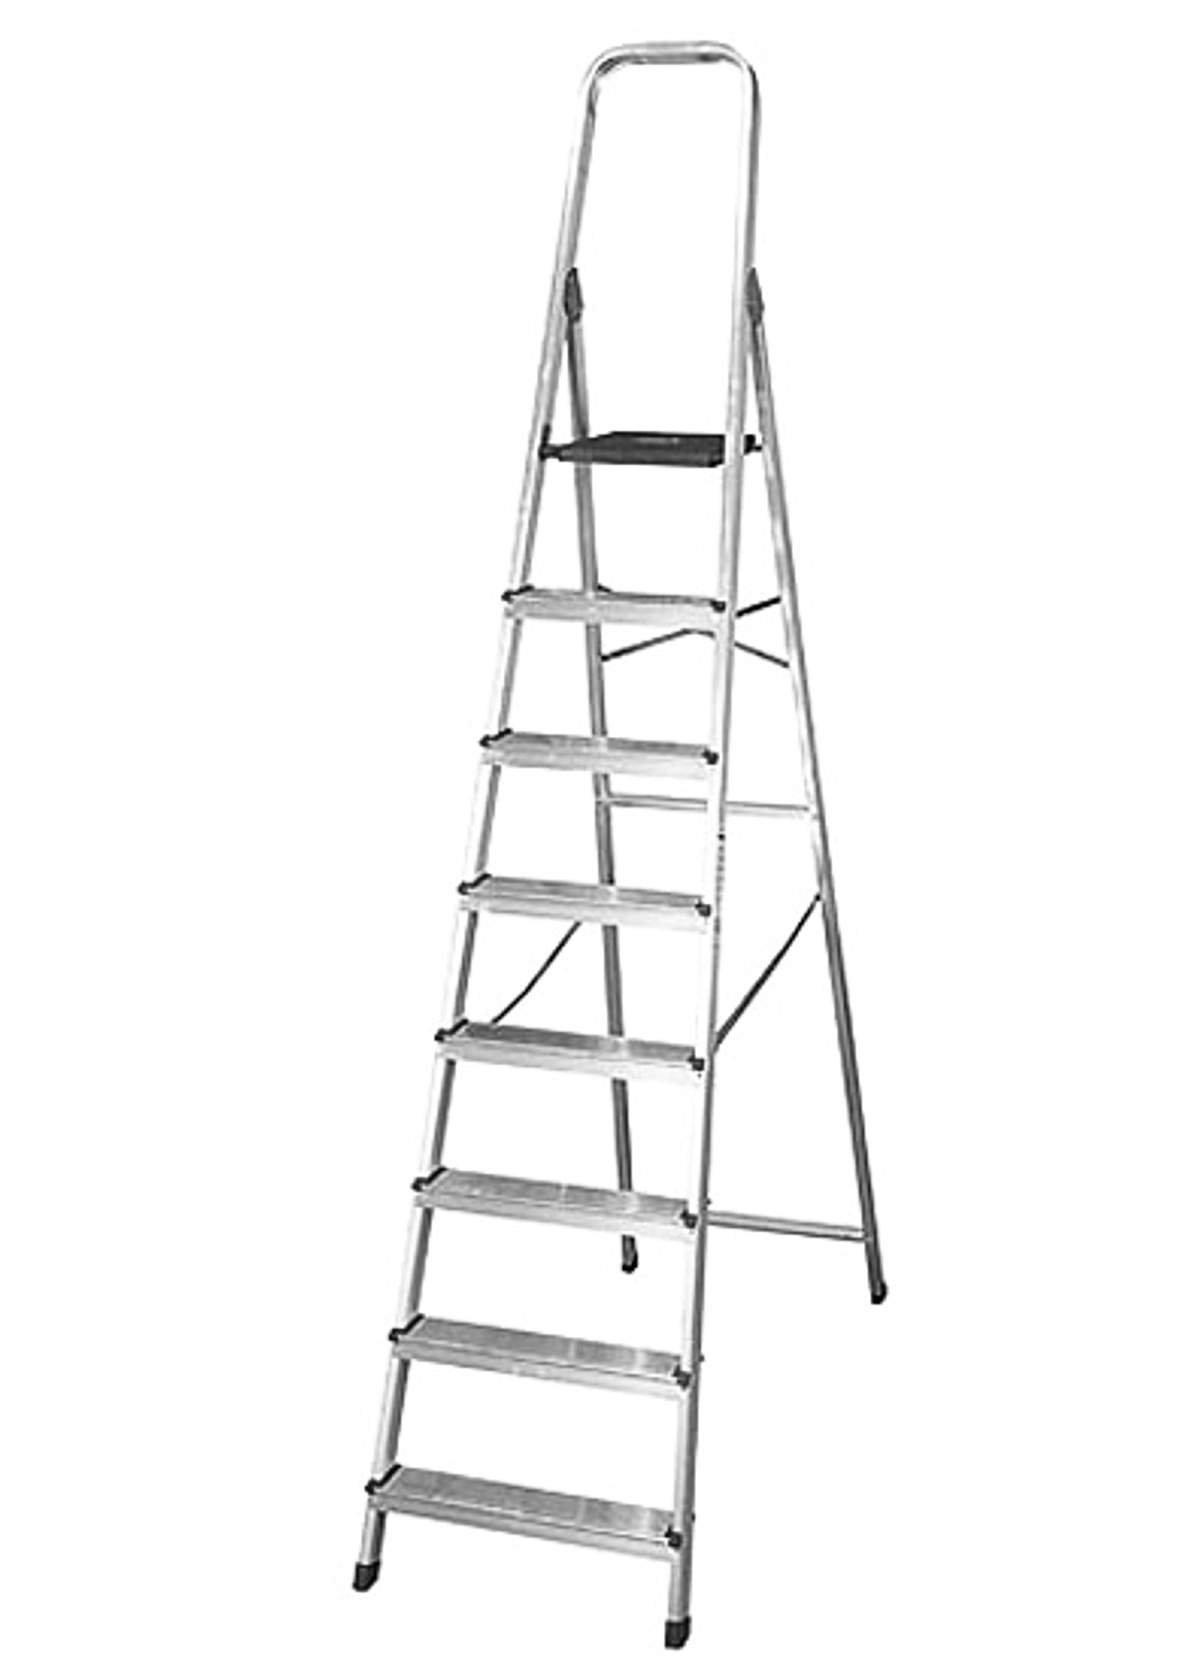 SILBOR 1 Escalera de aluminio de 8 pelda&ntildeos fabricada en ESPA&NtildeA (EN 131), Standard: Amazon.es: Bricolaje y herramientas